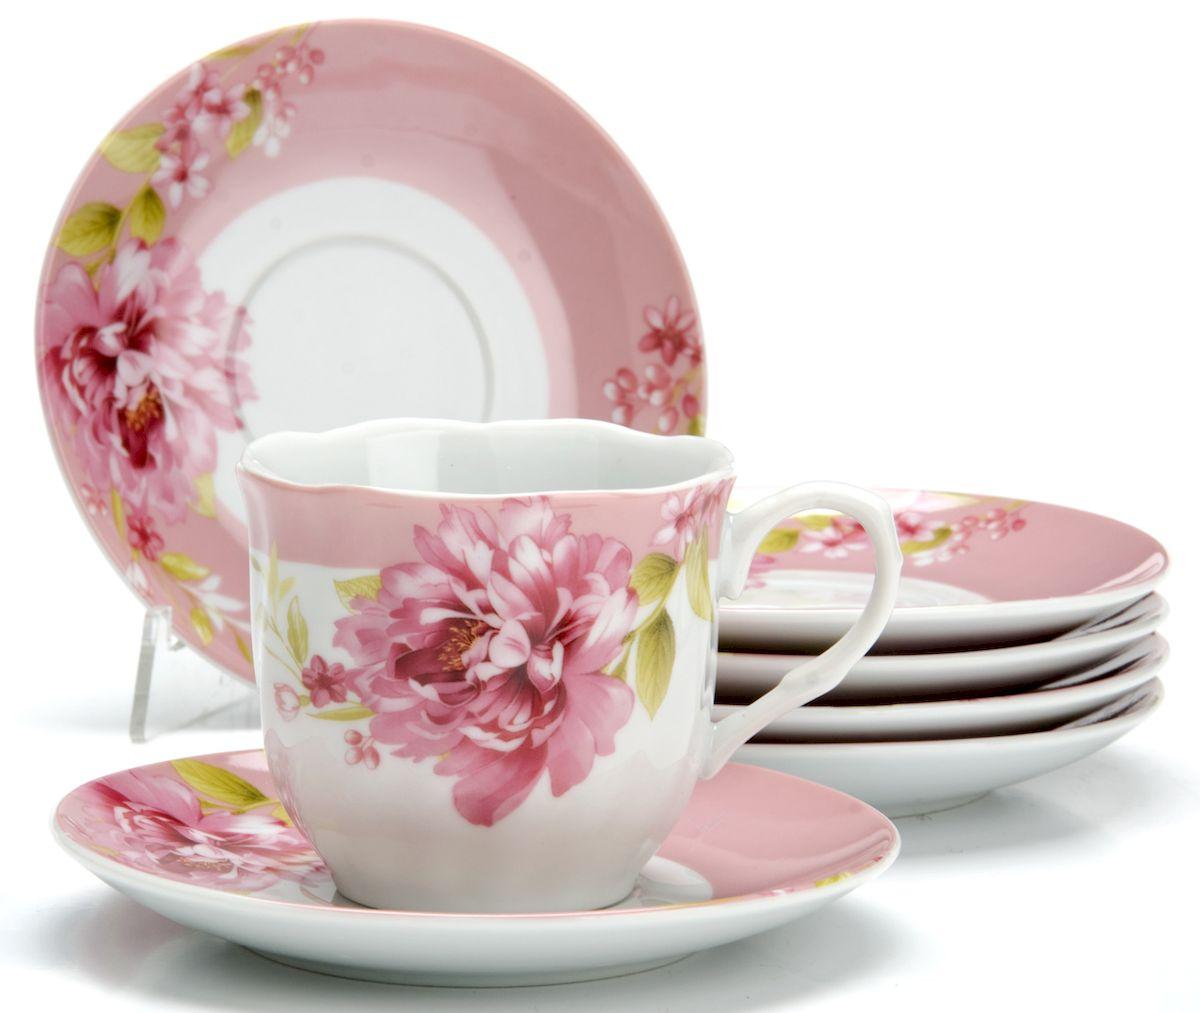 Чайный сервиз Loraine Цветы, 220 мл, 12 предметов. 25915 чайный сервиз loraine 200 мл 12 предметов 25931